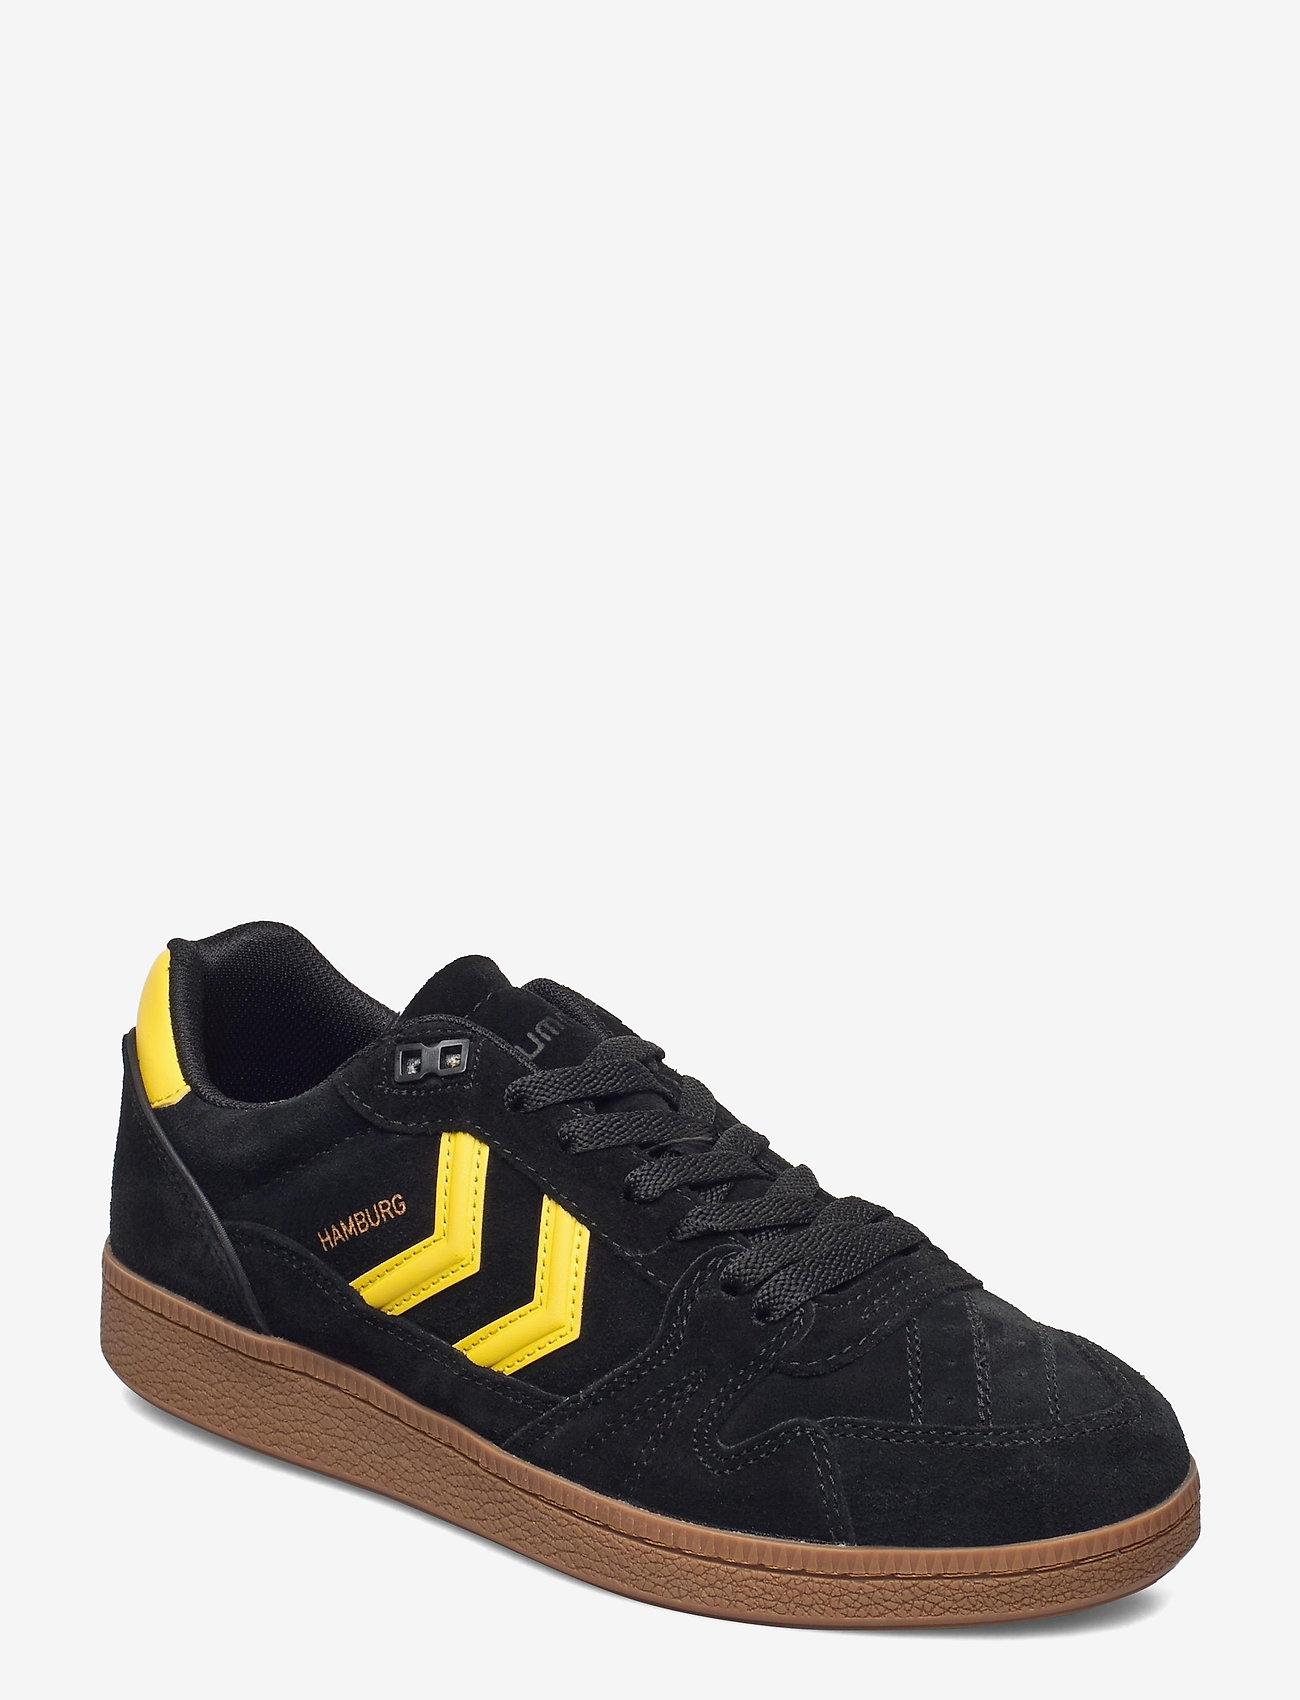 Hummel - HB TEAM SUEDE - laag sneakers - black - 1